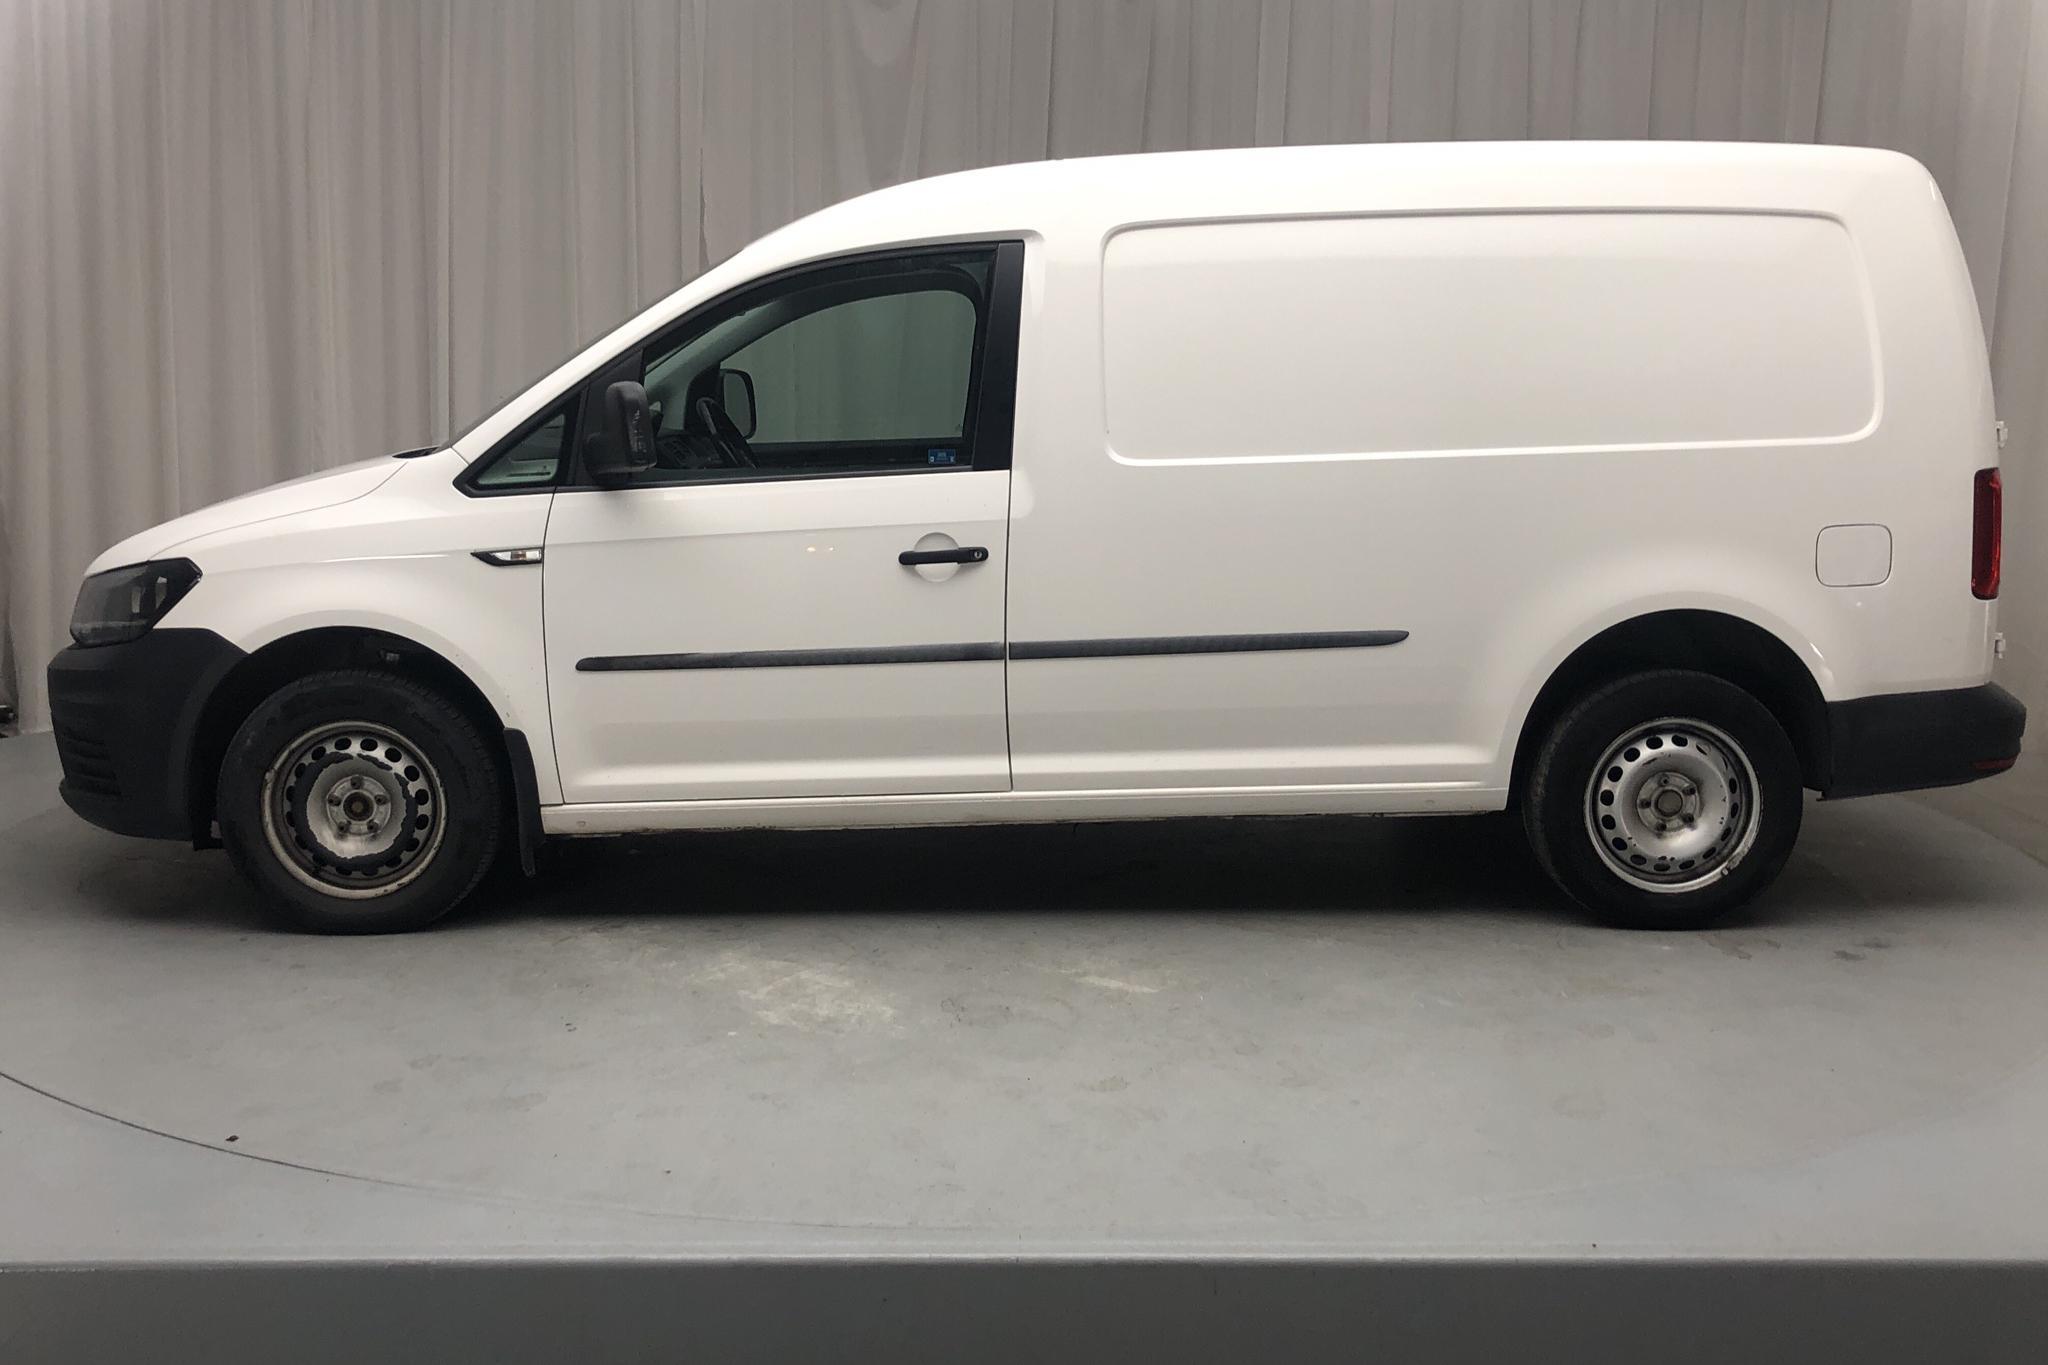 VW Caddy 2.0 TDI Maxi Skåp (102hk) - 102 290 km - Manual - white - 2017